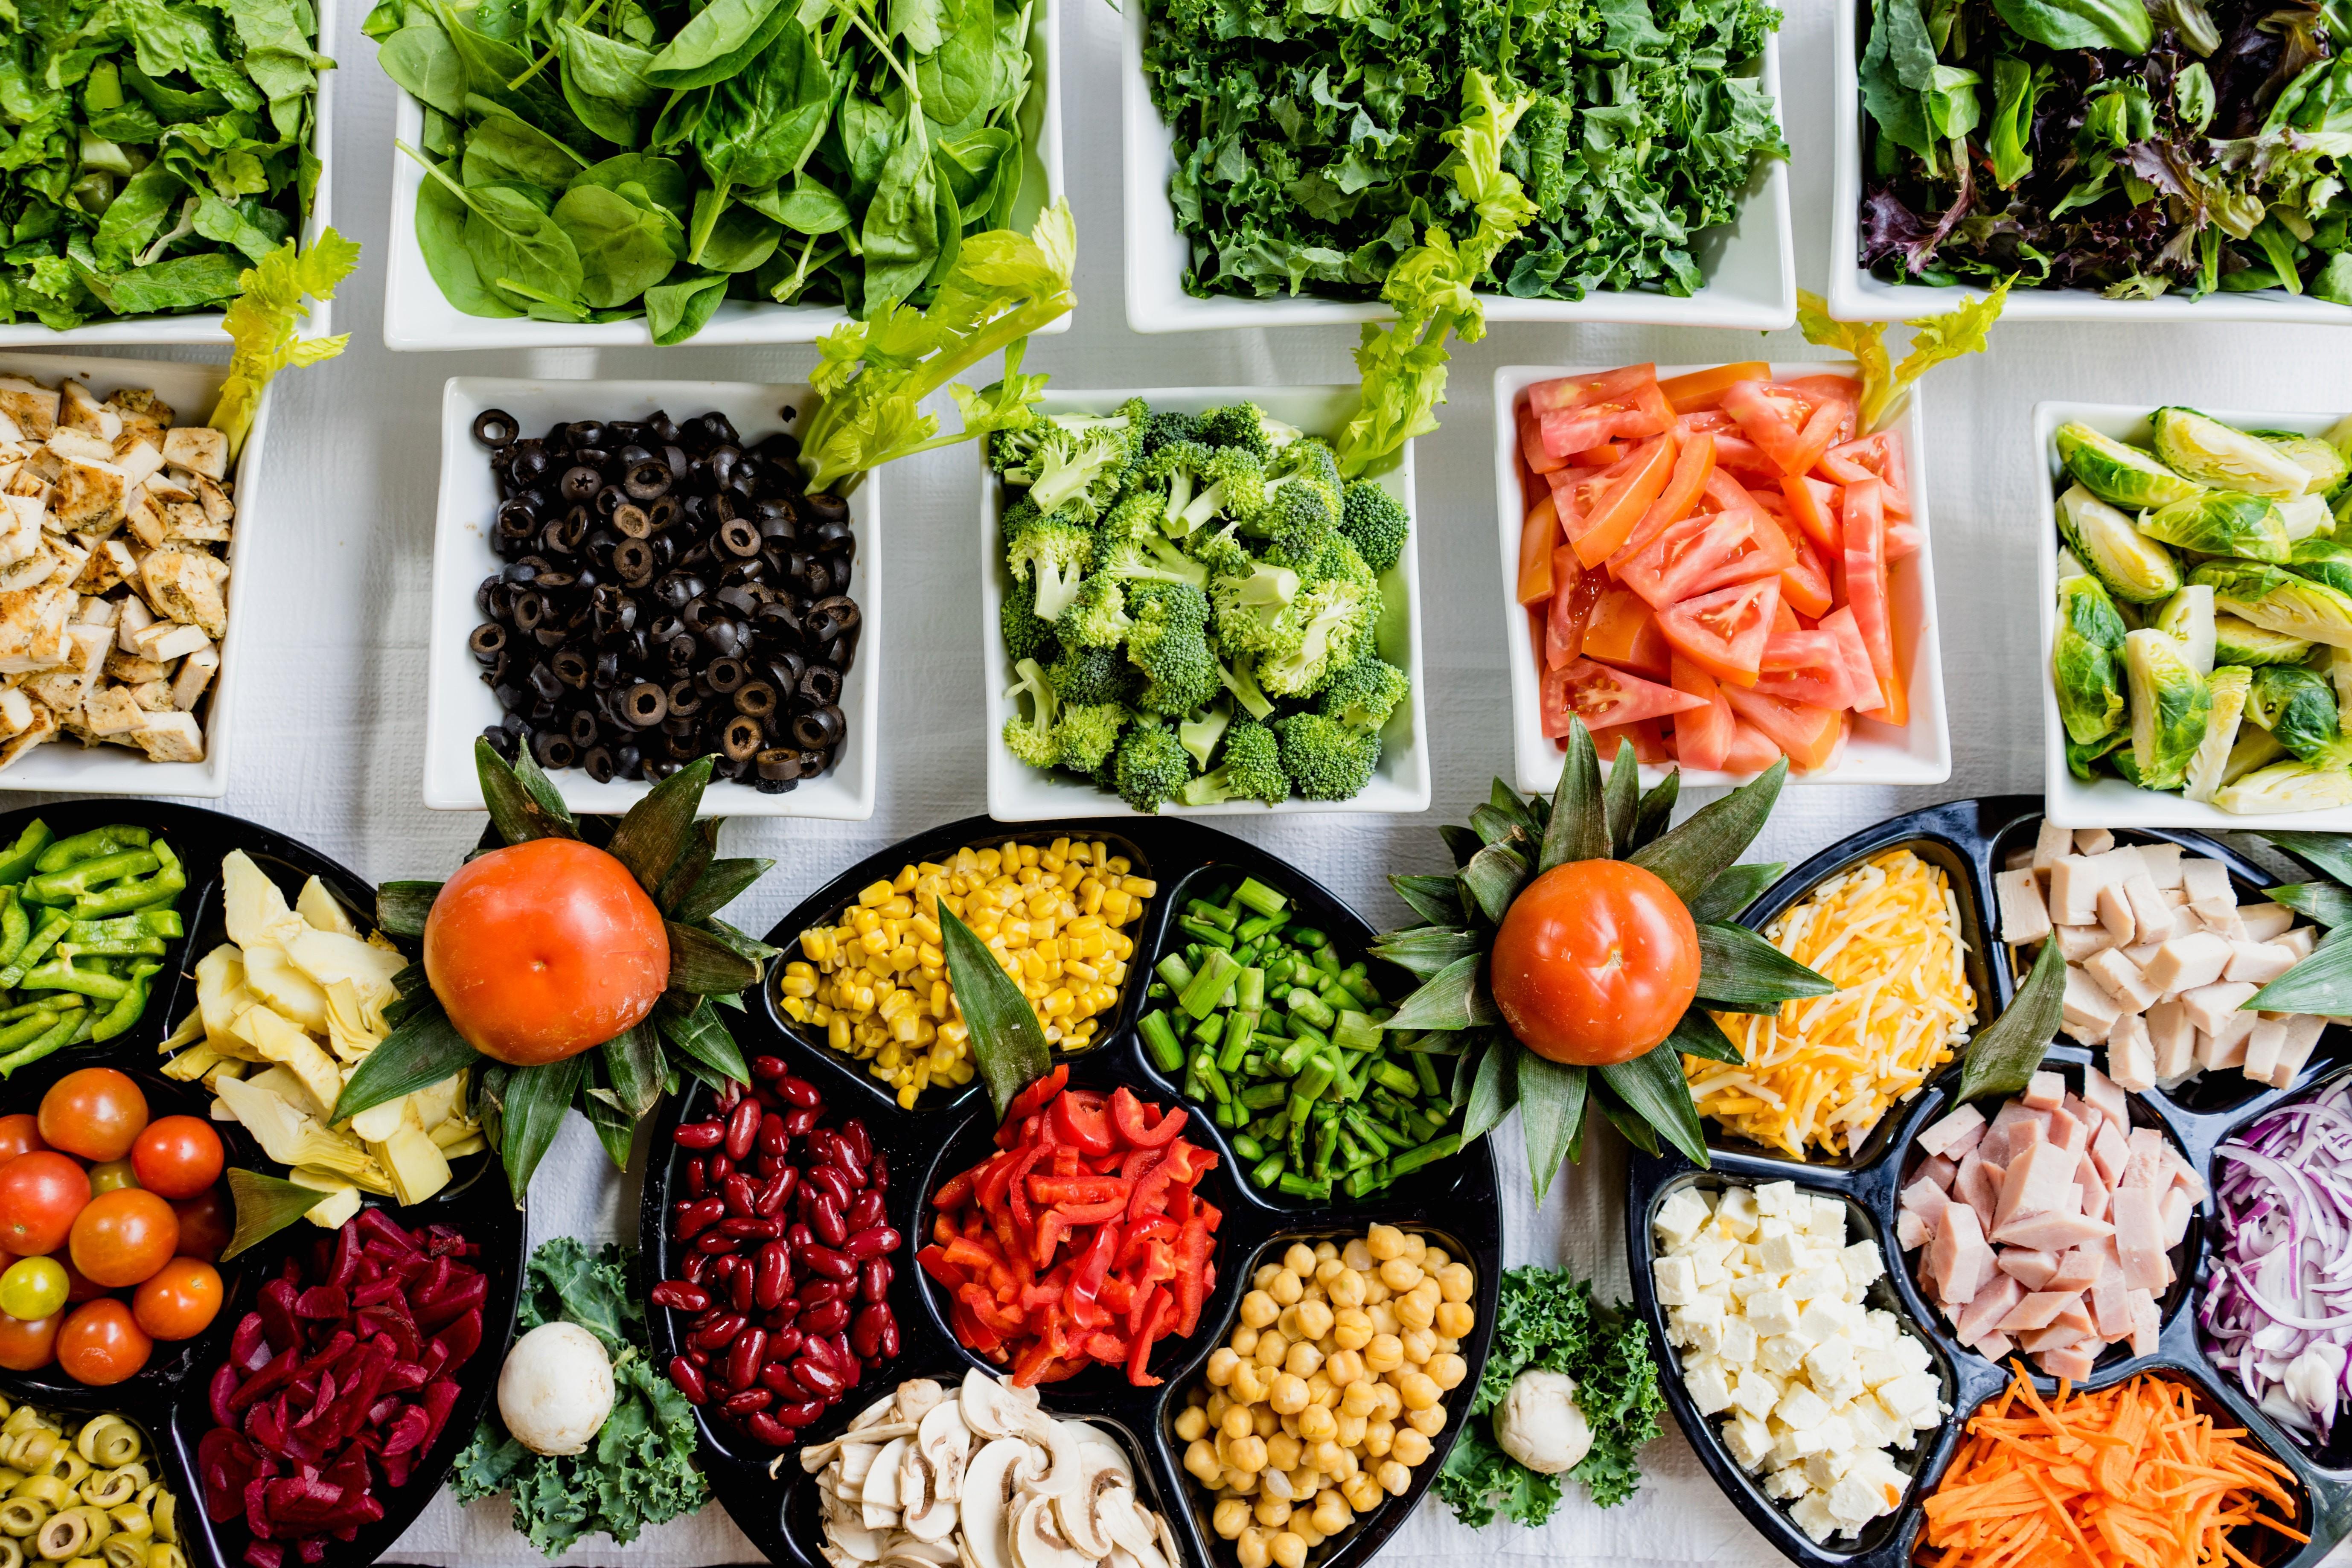 Como mudar sua dieta pode proteger o planeta - Notícias - Plantão Diário